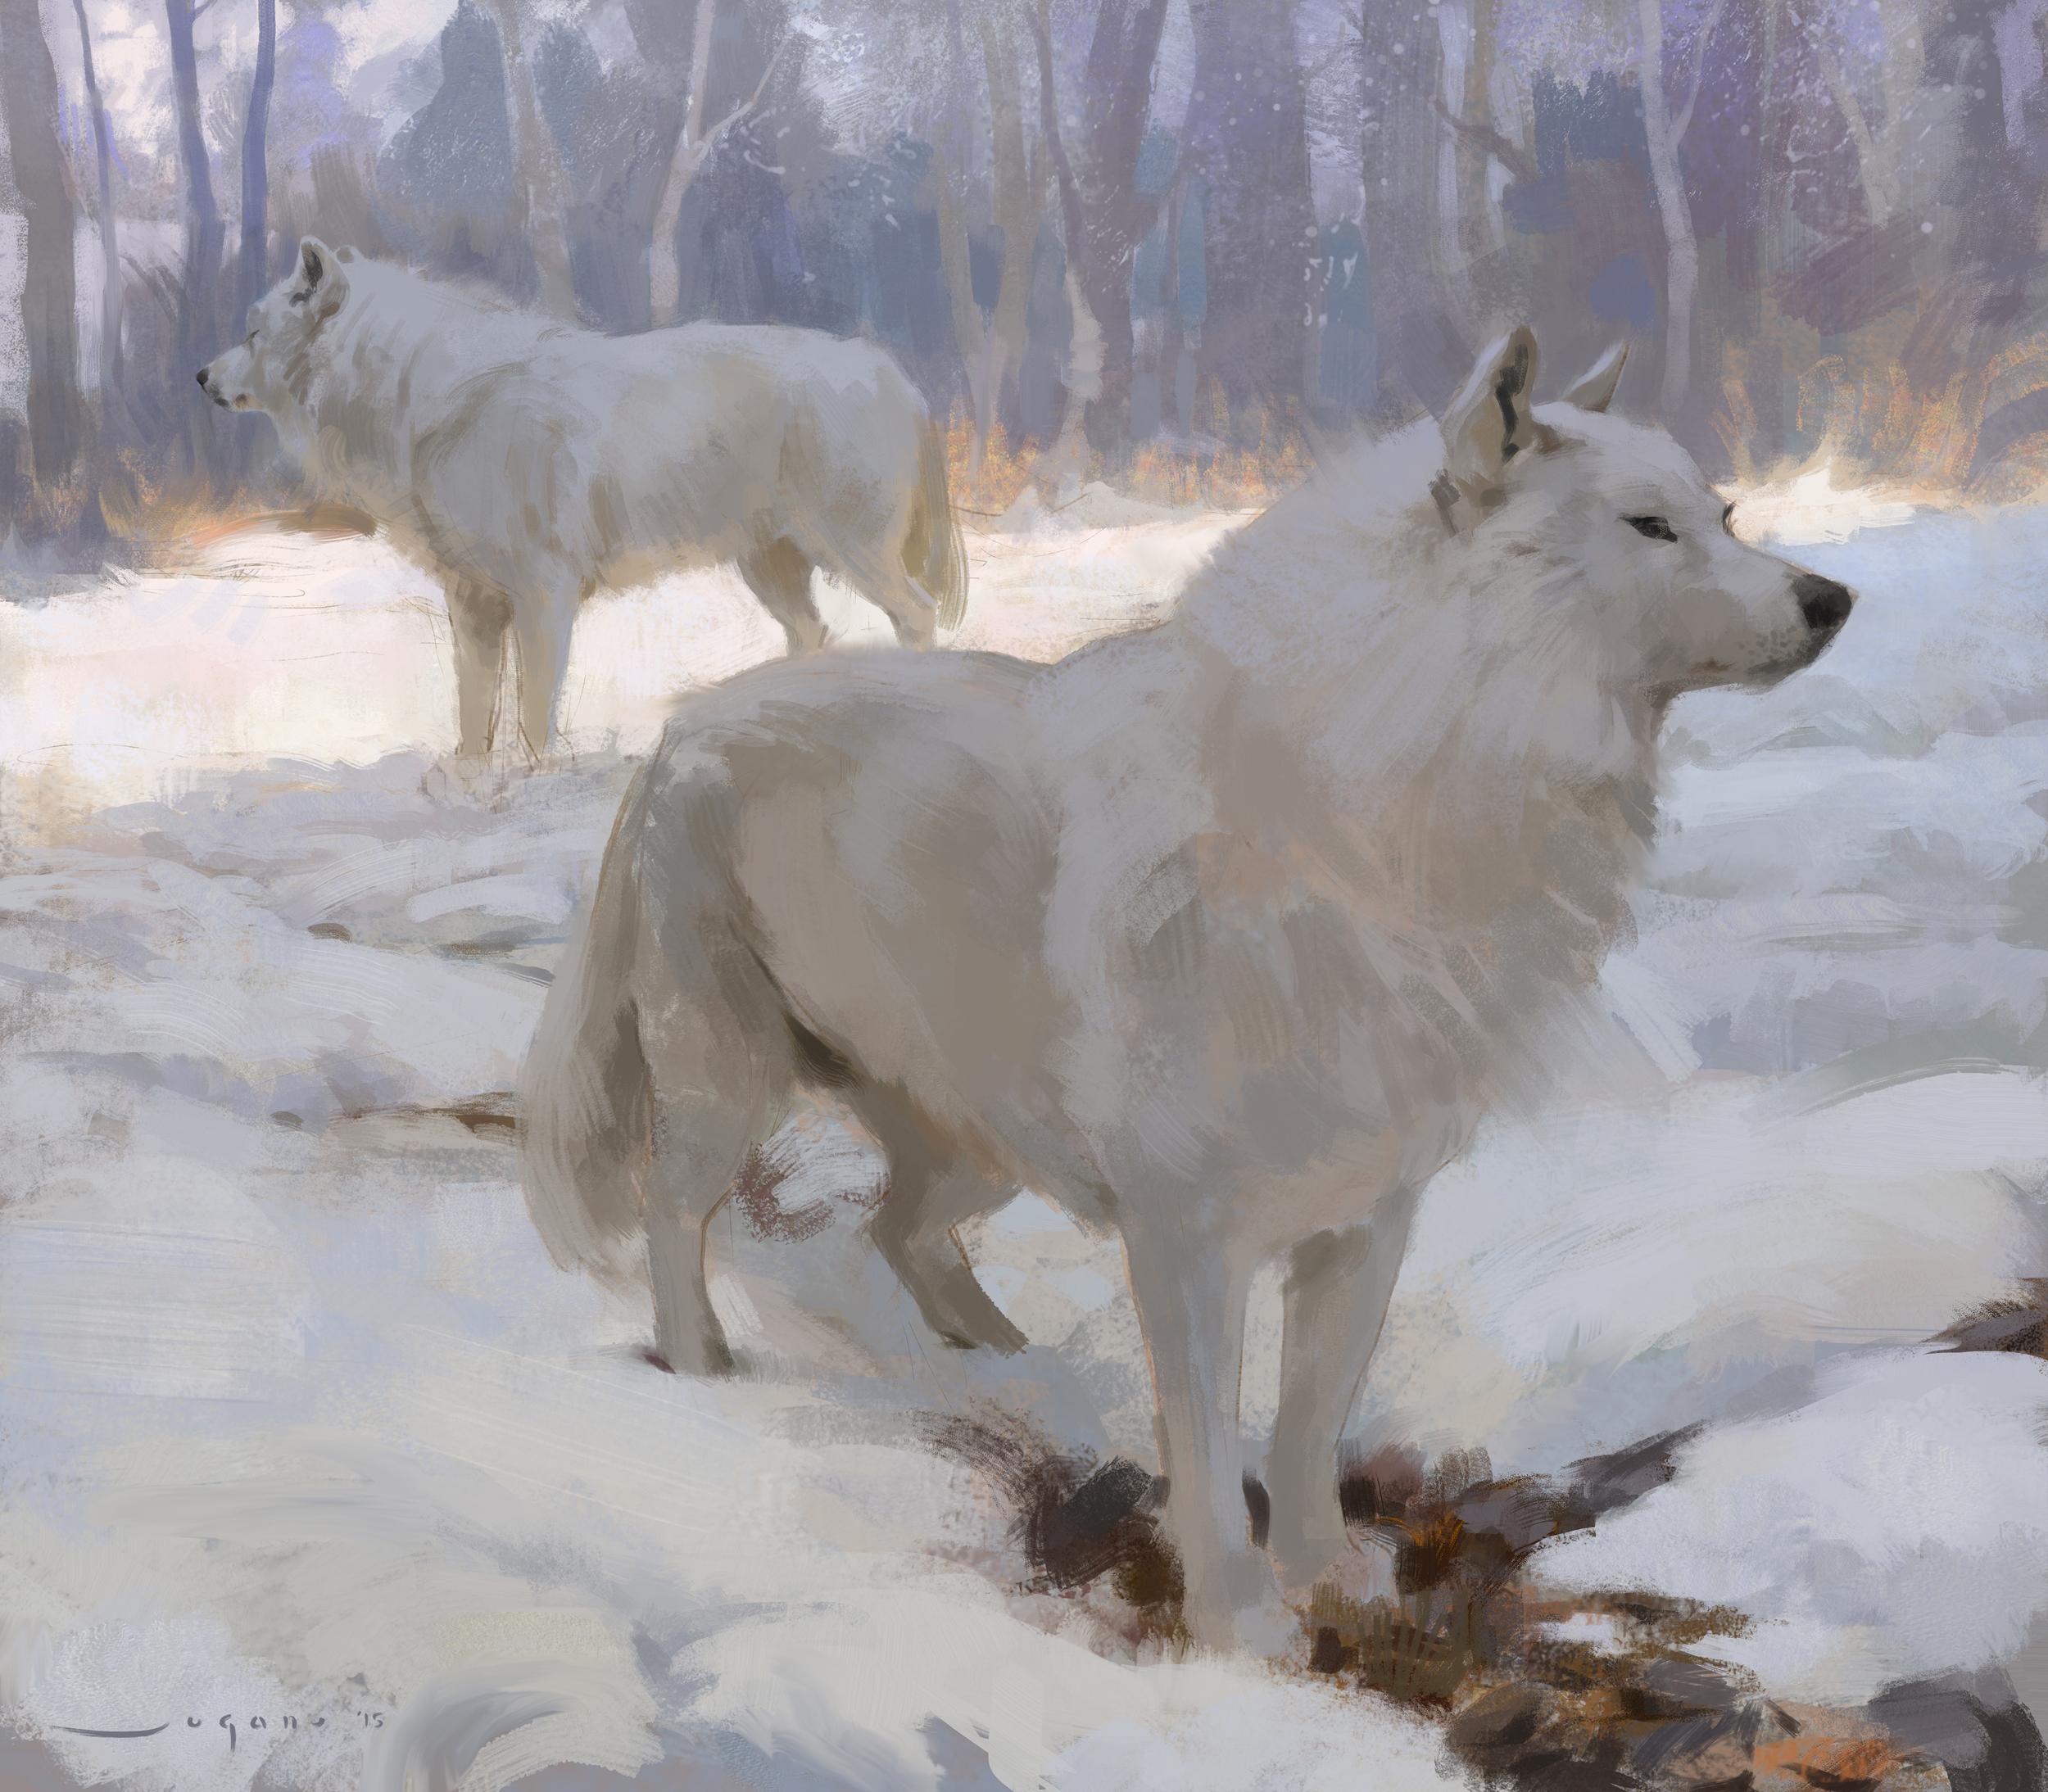 aSugano_wolves.jpg